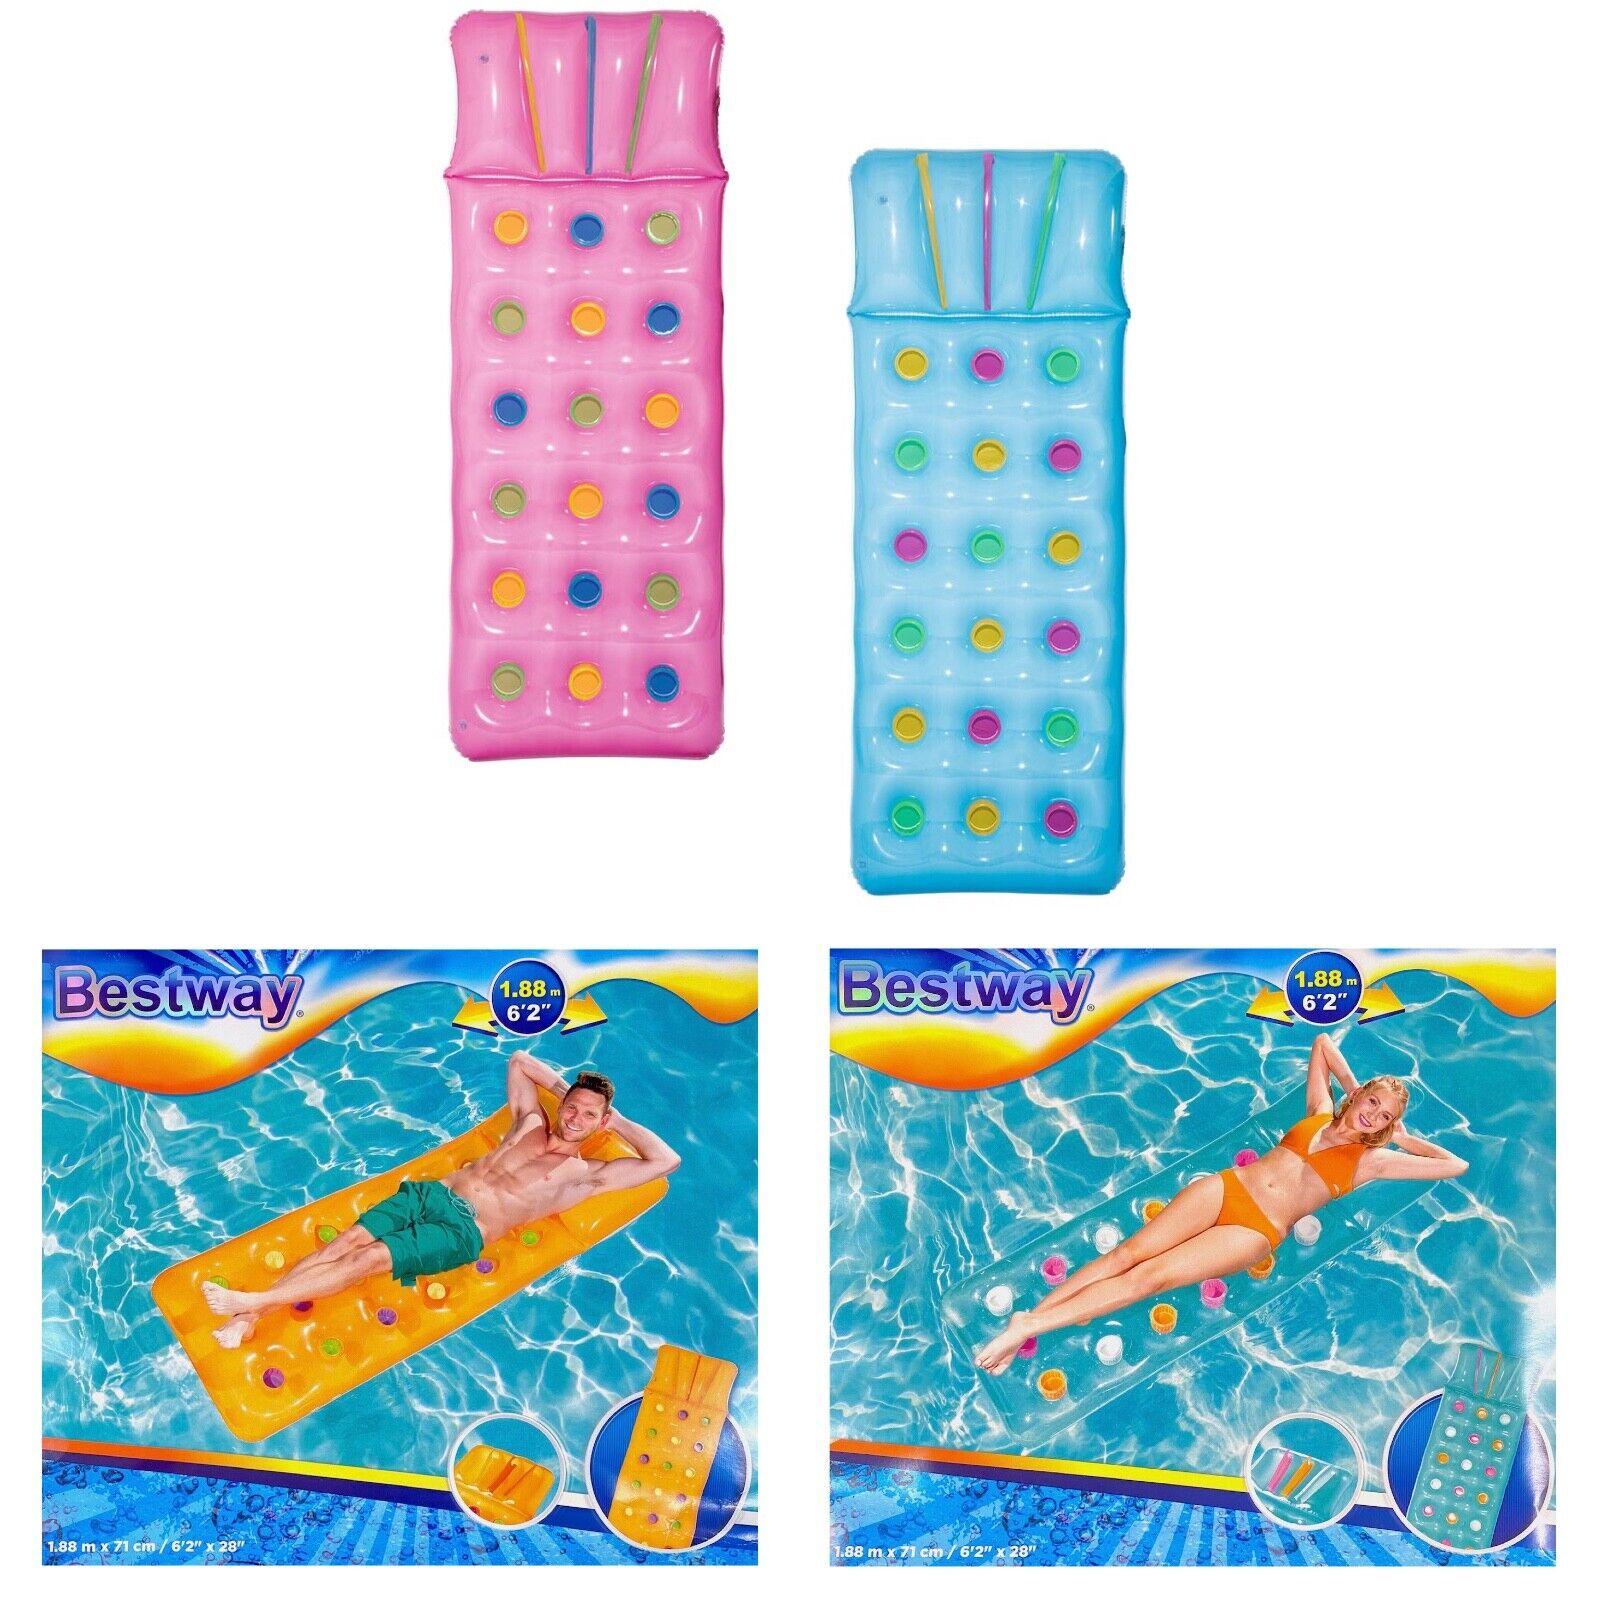 Bestway 188x71cm Luftmatratze 4 Farben Solarmatratze Pool Liege Wasser Matratze